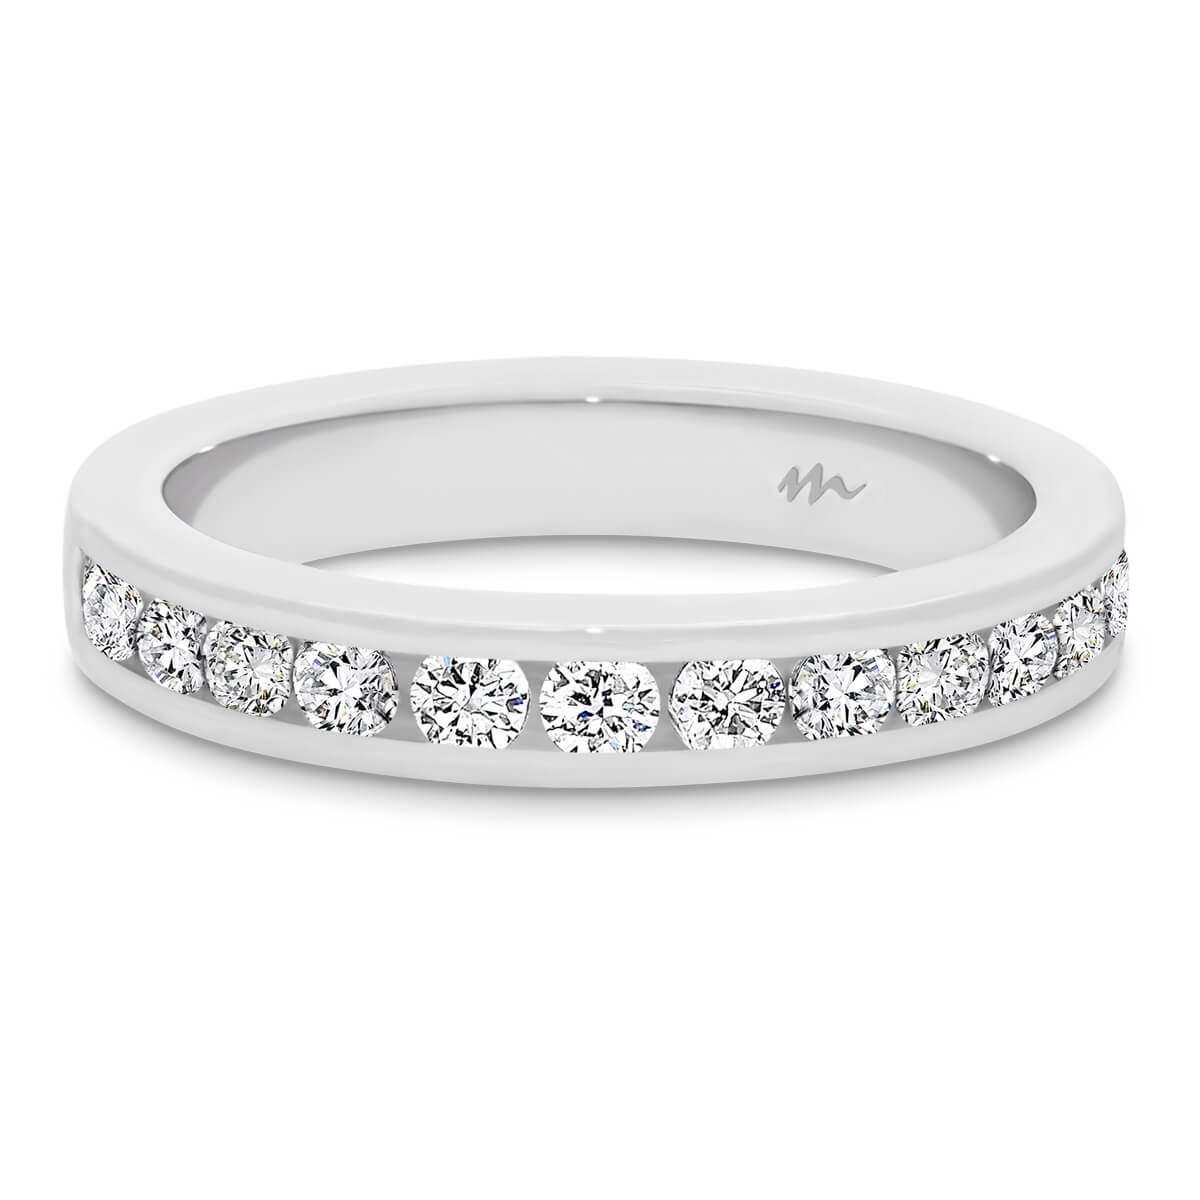 Carmen 2.0 channel set Moissanite wedding ring